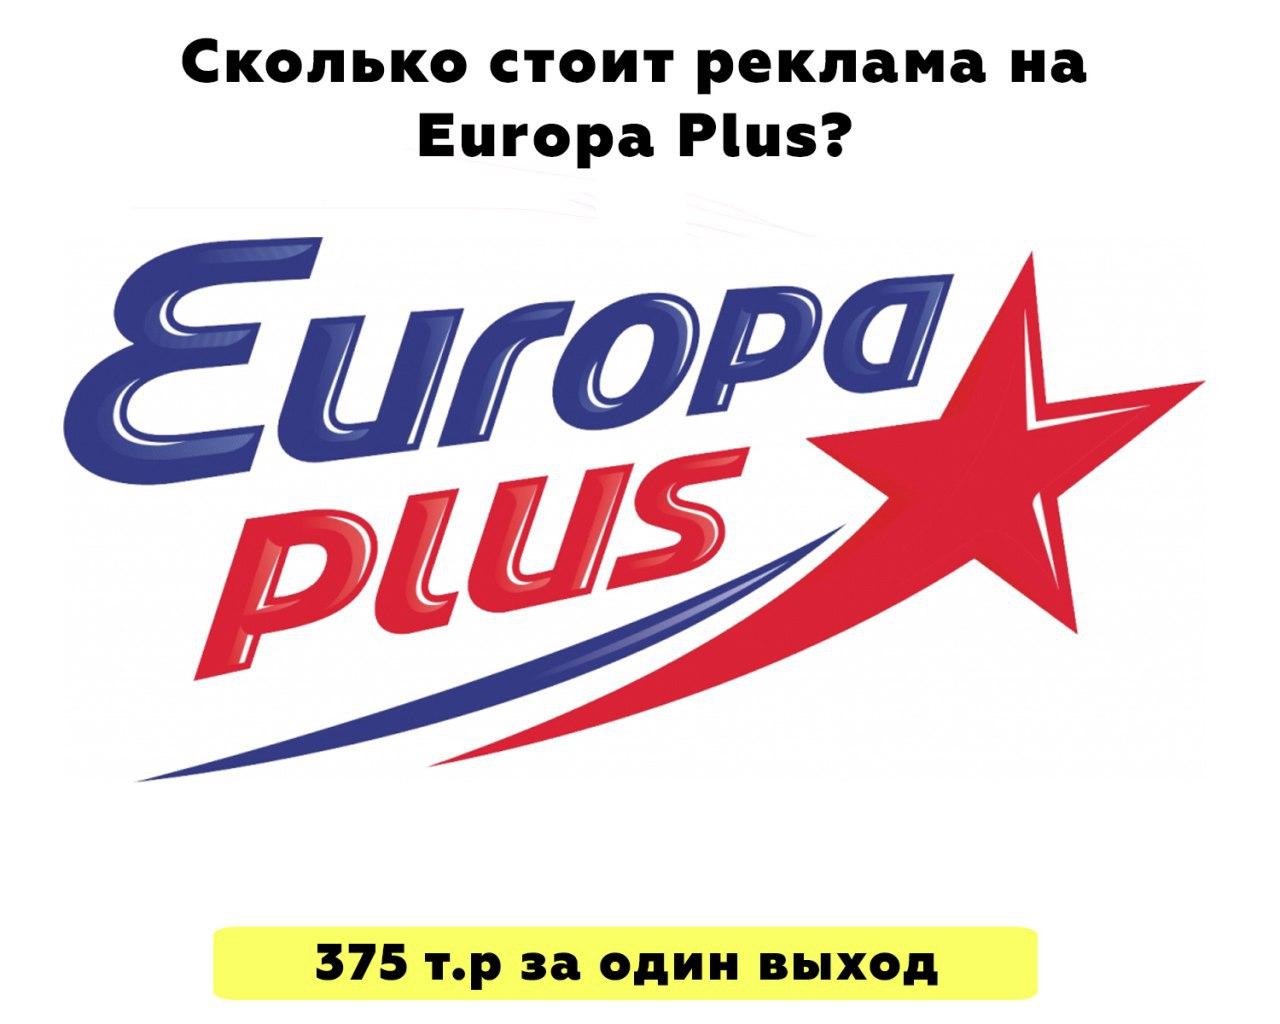 такой технической приветы поздравления европа плюс всплывающем окне